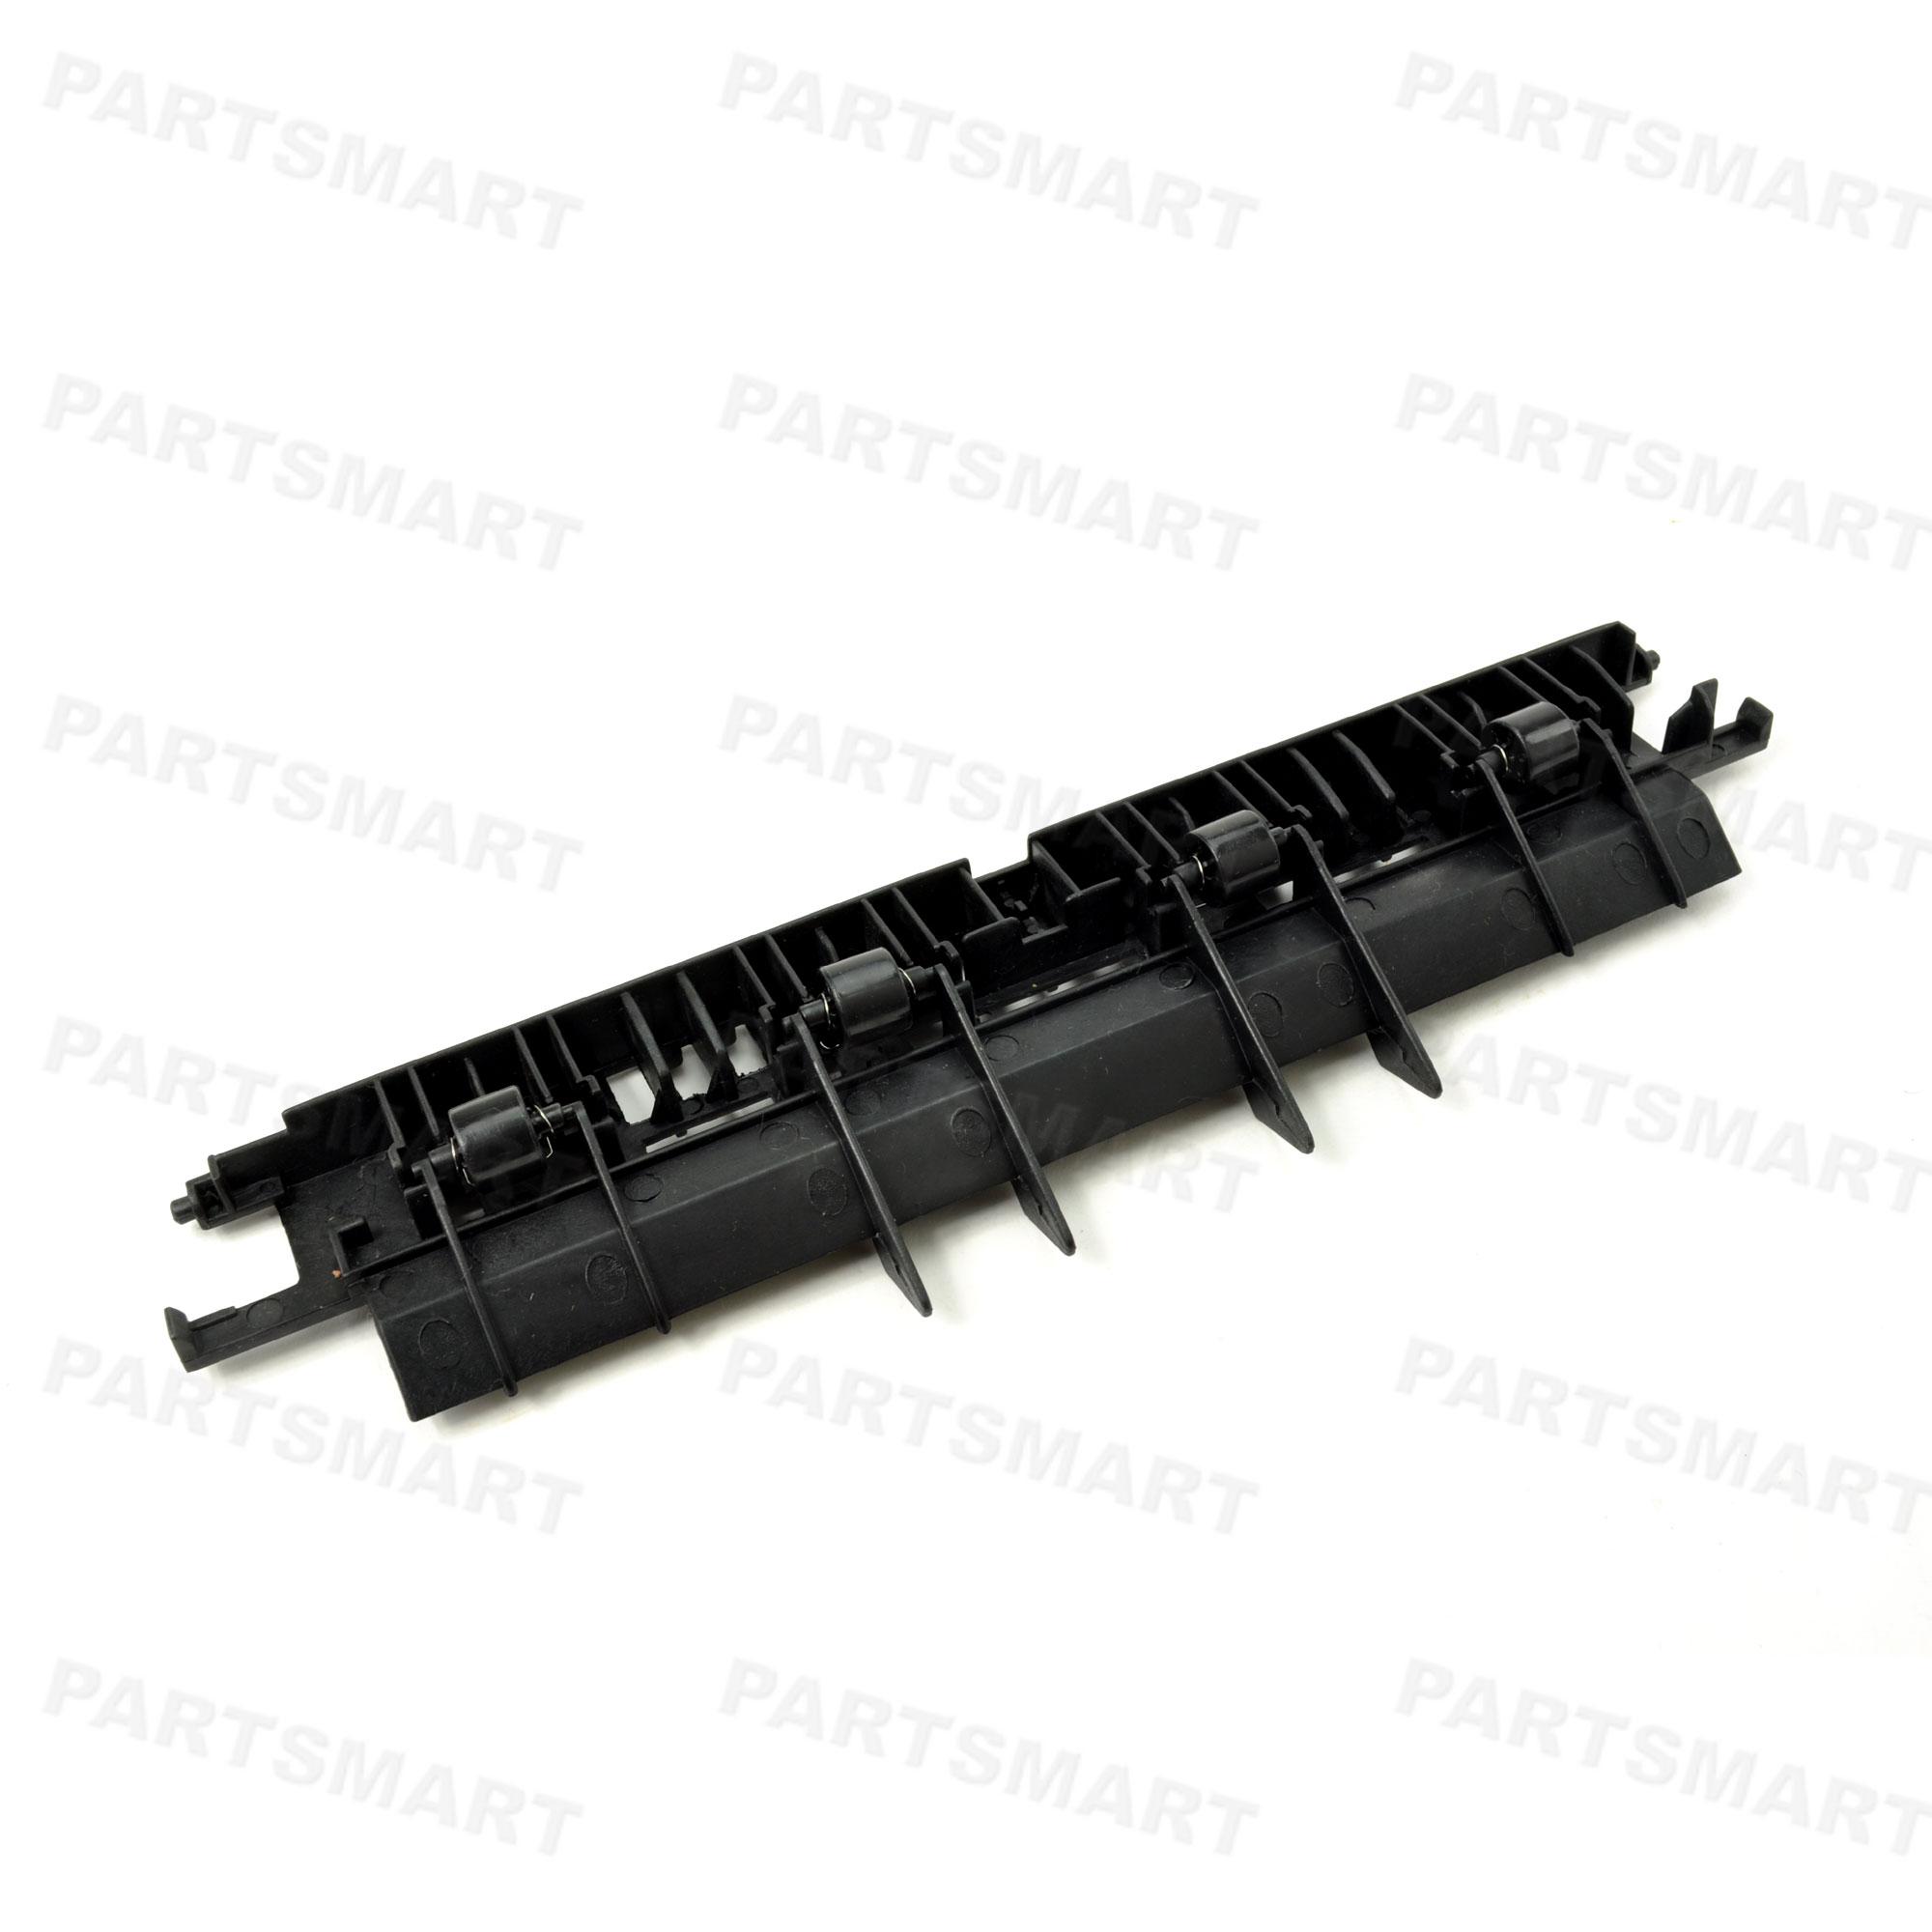 Hp Laserjet P3005 Printer Parts Partsmart 3976 Fuel Filter Rc1 000 Guide Upper Delivery For 2400